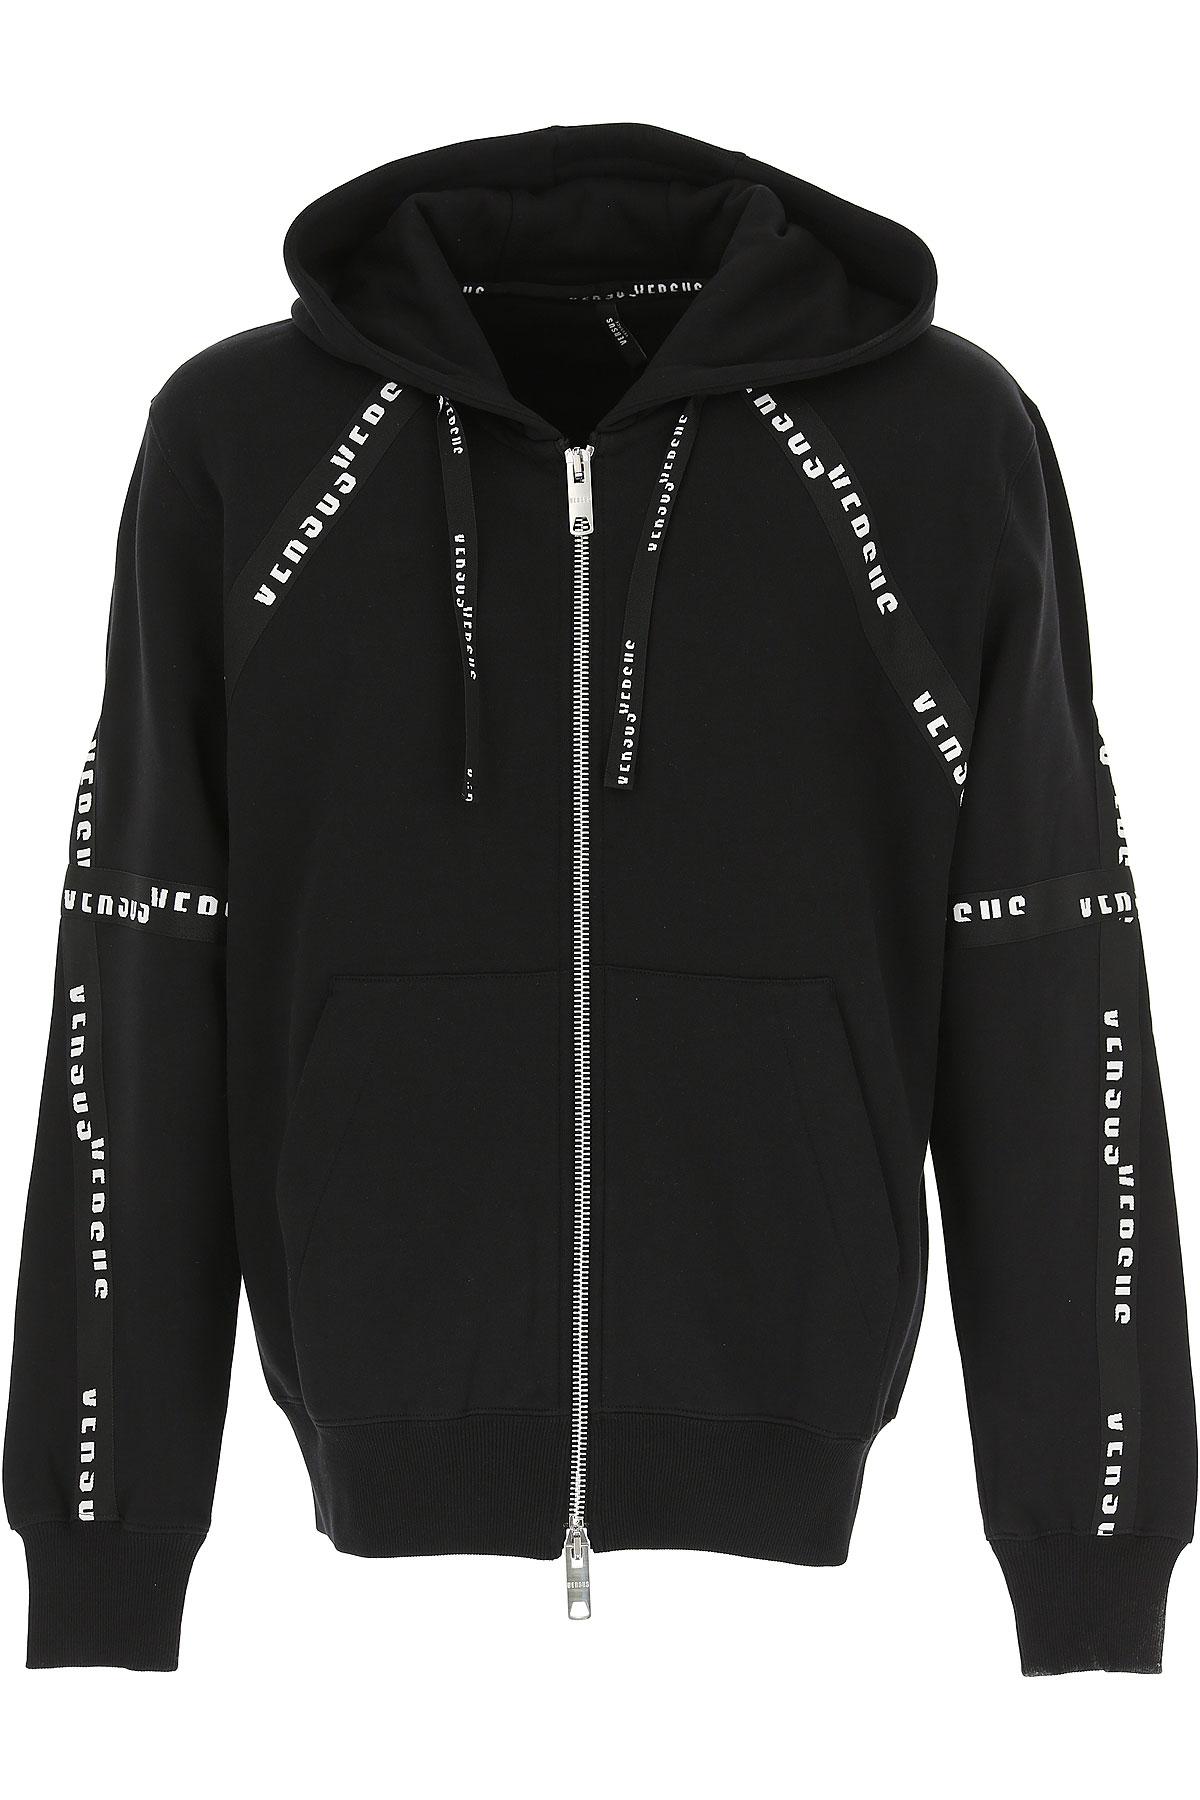 Versace Sweatshirt for Men, Black, Cotton, 2017, L M S XL USA-467325